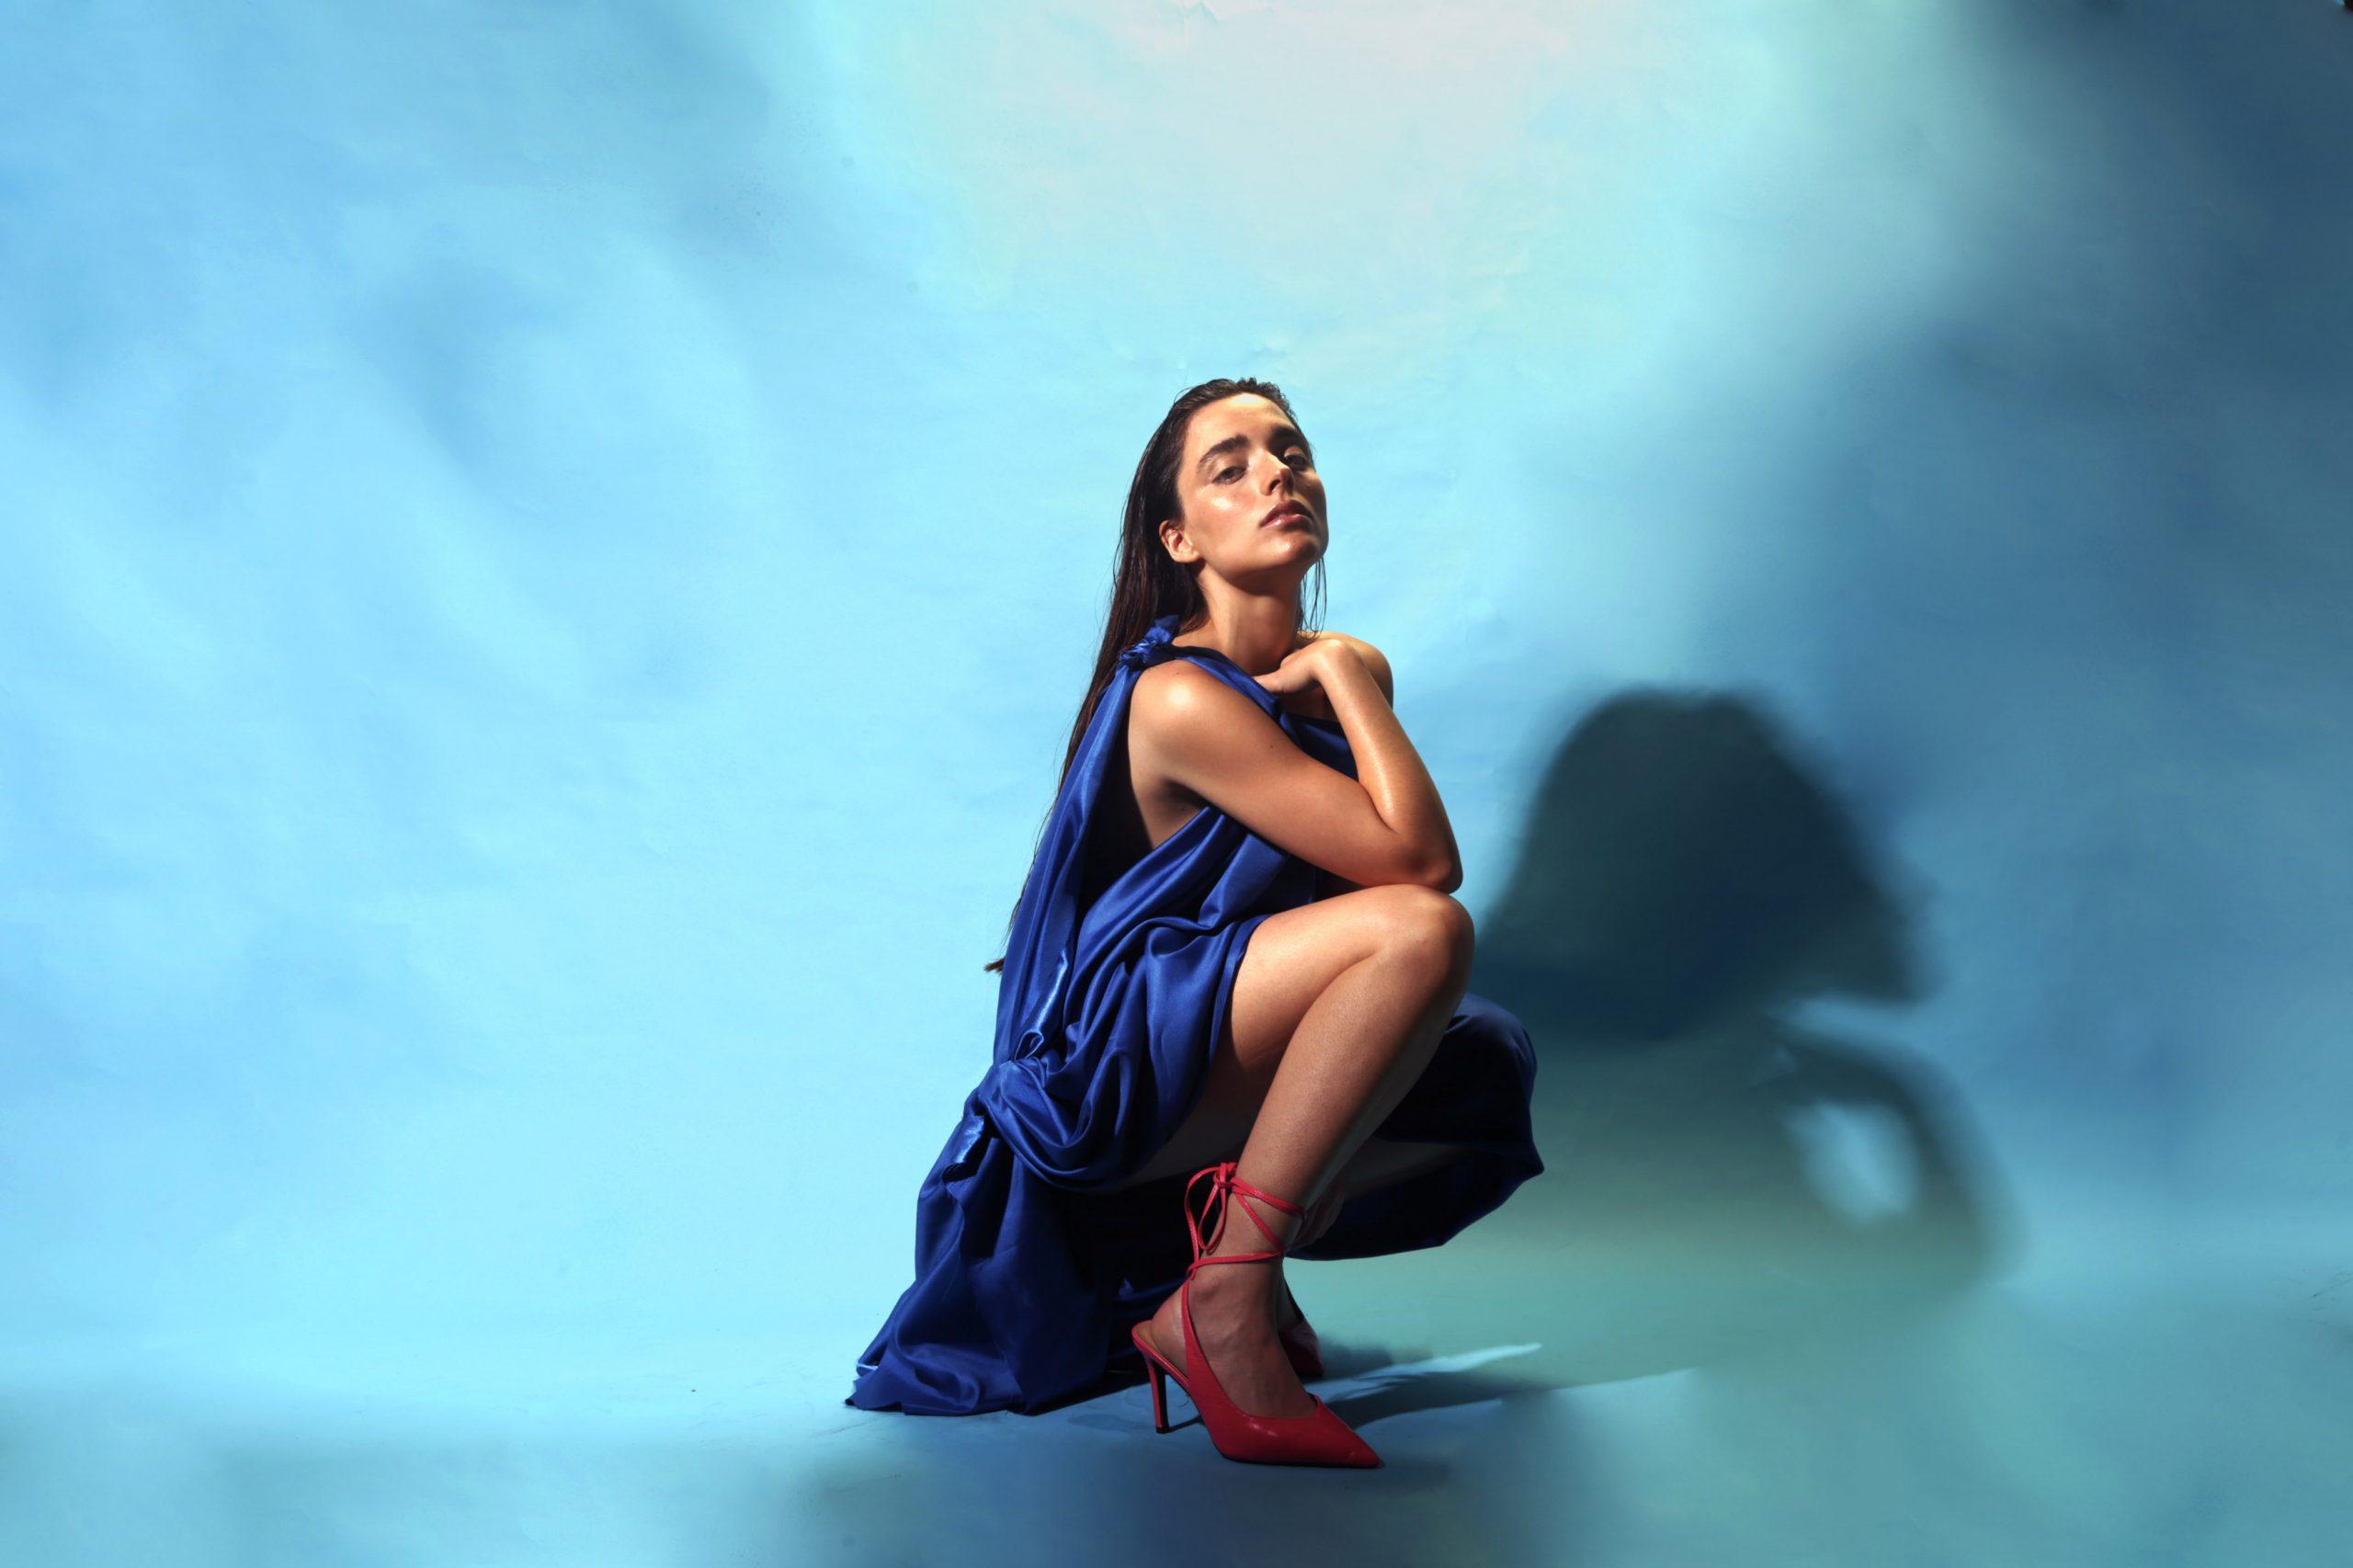 Categorie: Glamour, Portrait - Ph: ARIANNA FASANO - Mua: DALILA ROMANO - ModeL: ANNA CERELLI - Location: Napoli, Italy